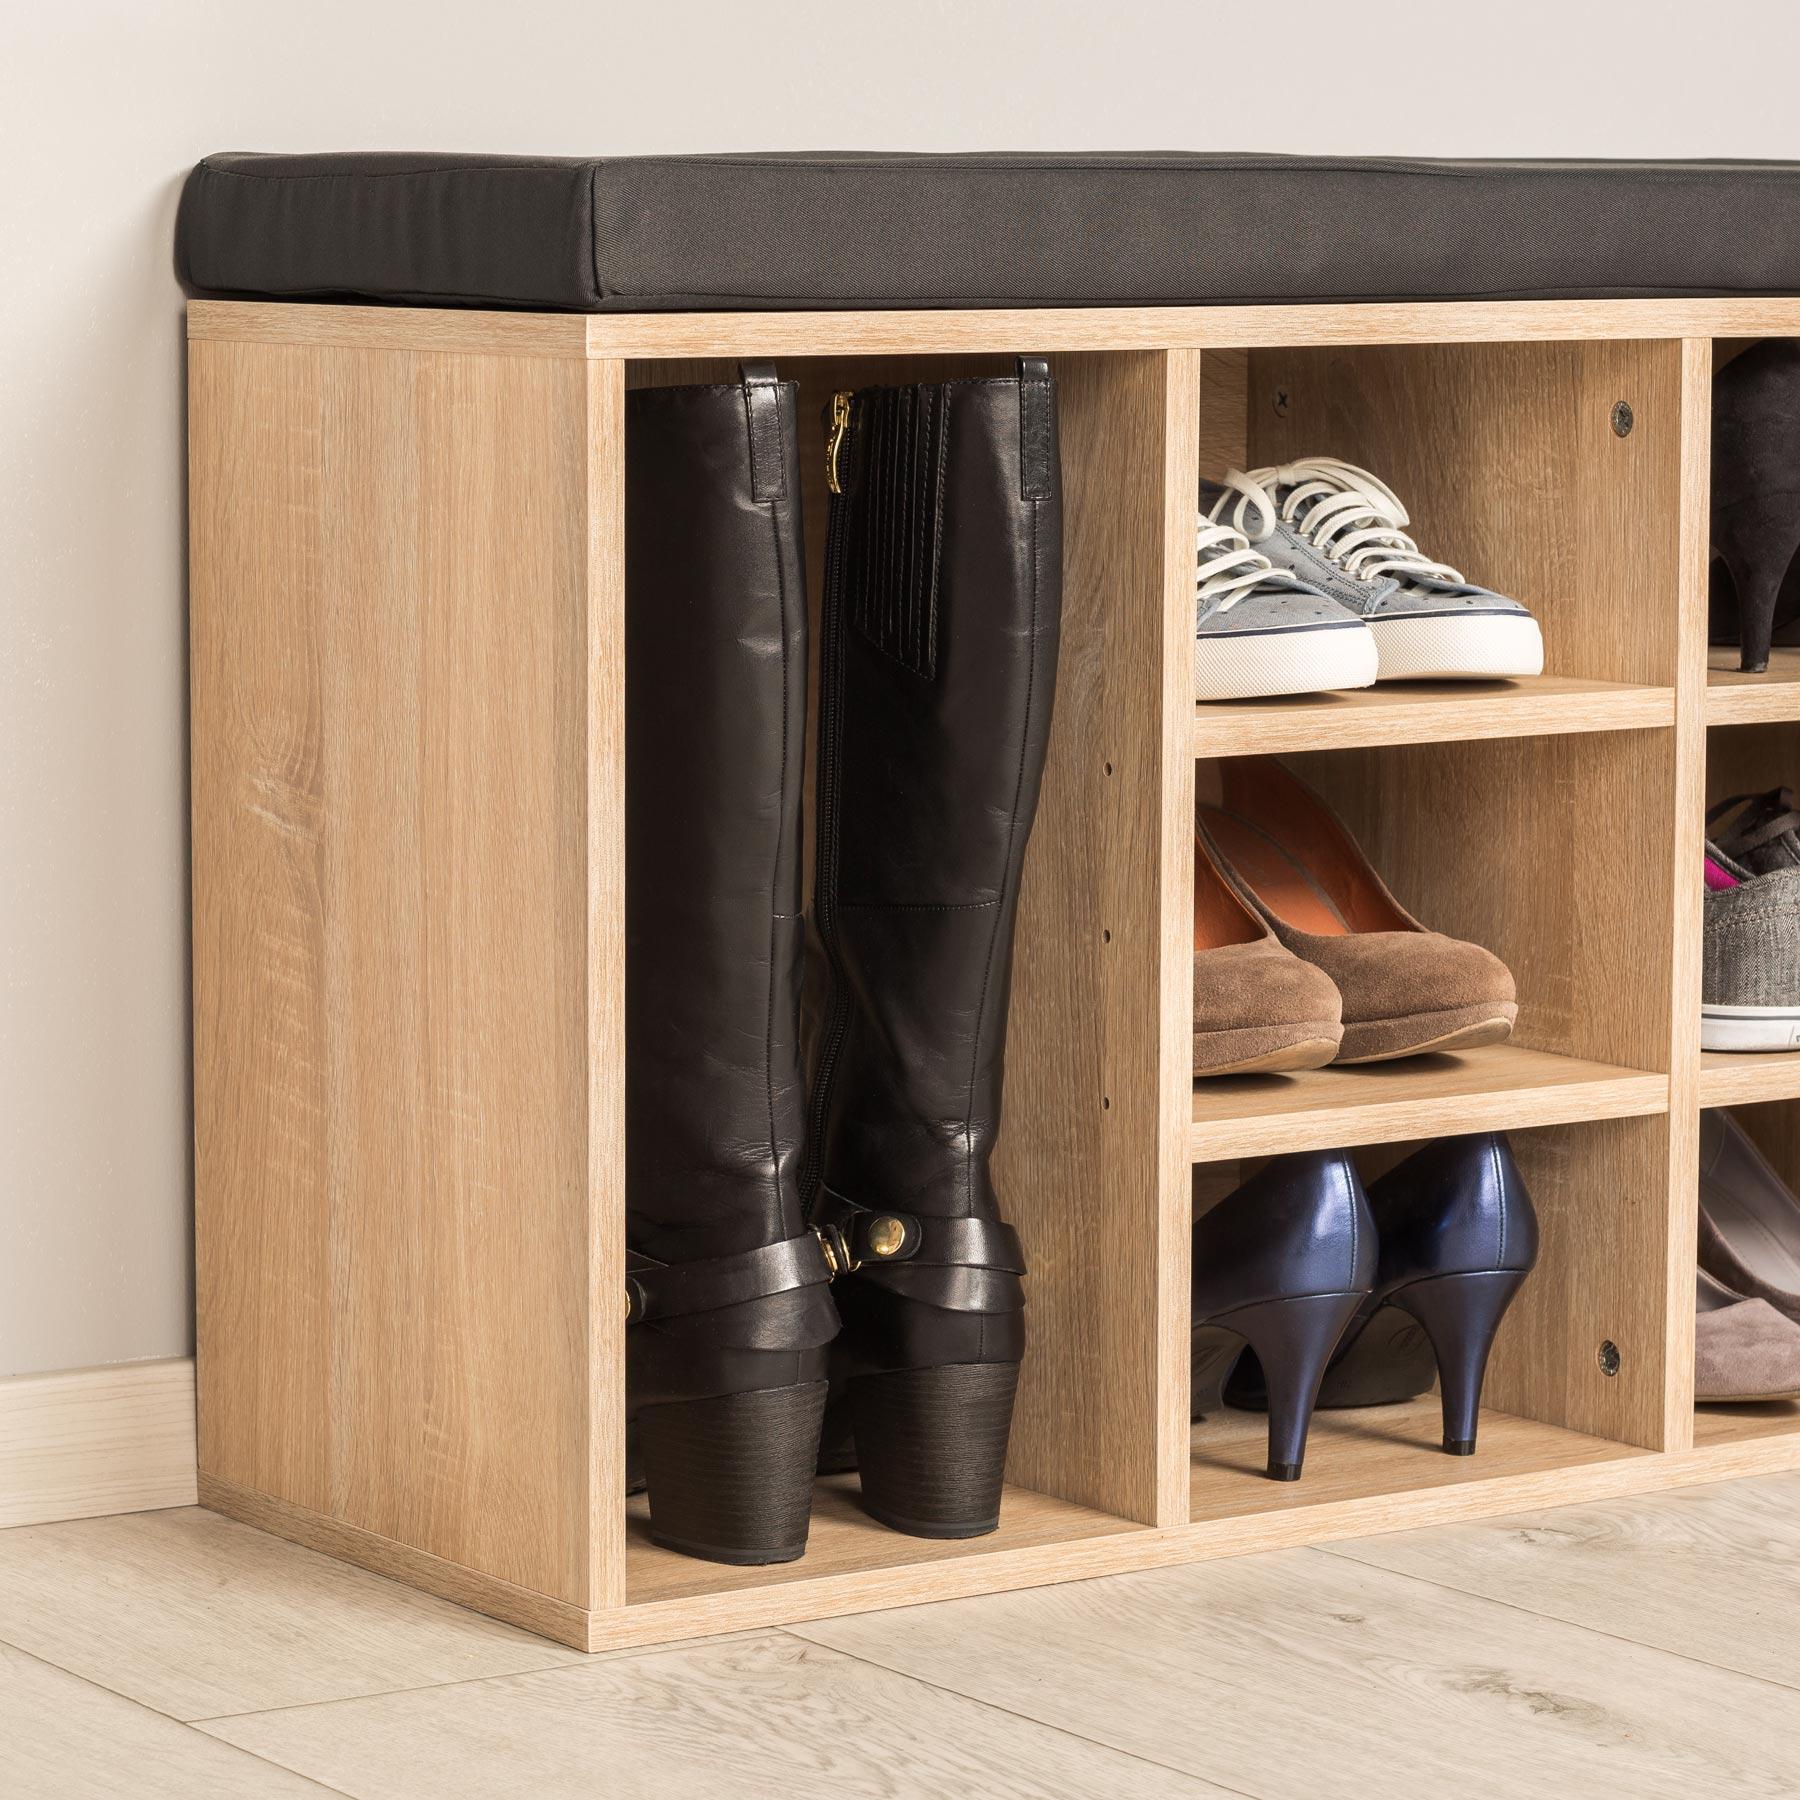 schuhschrank mit sitzkissen sitzbank schuhregal schuhablage 103 5x48x30cm eiche ebay. Black Bedroom Furniture Sets. Home Design Ideas